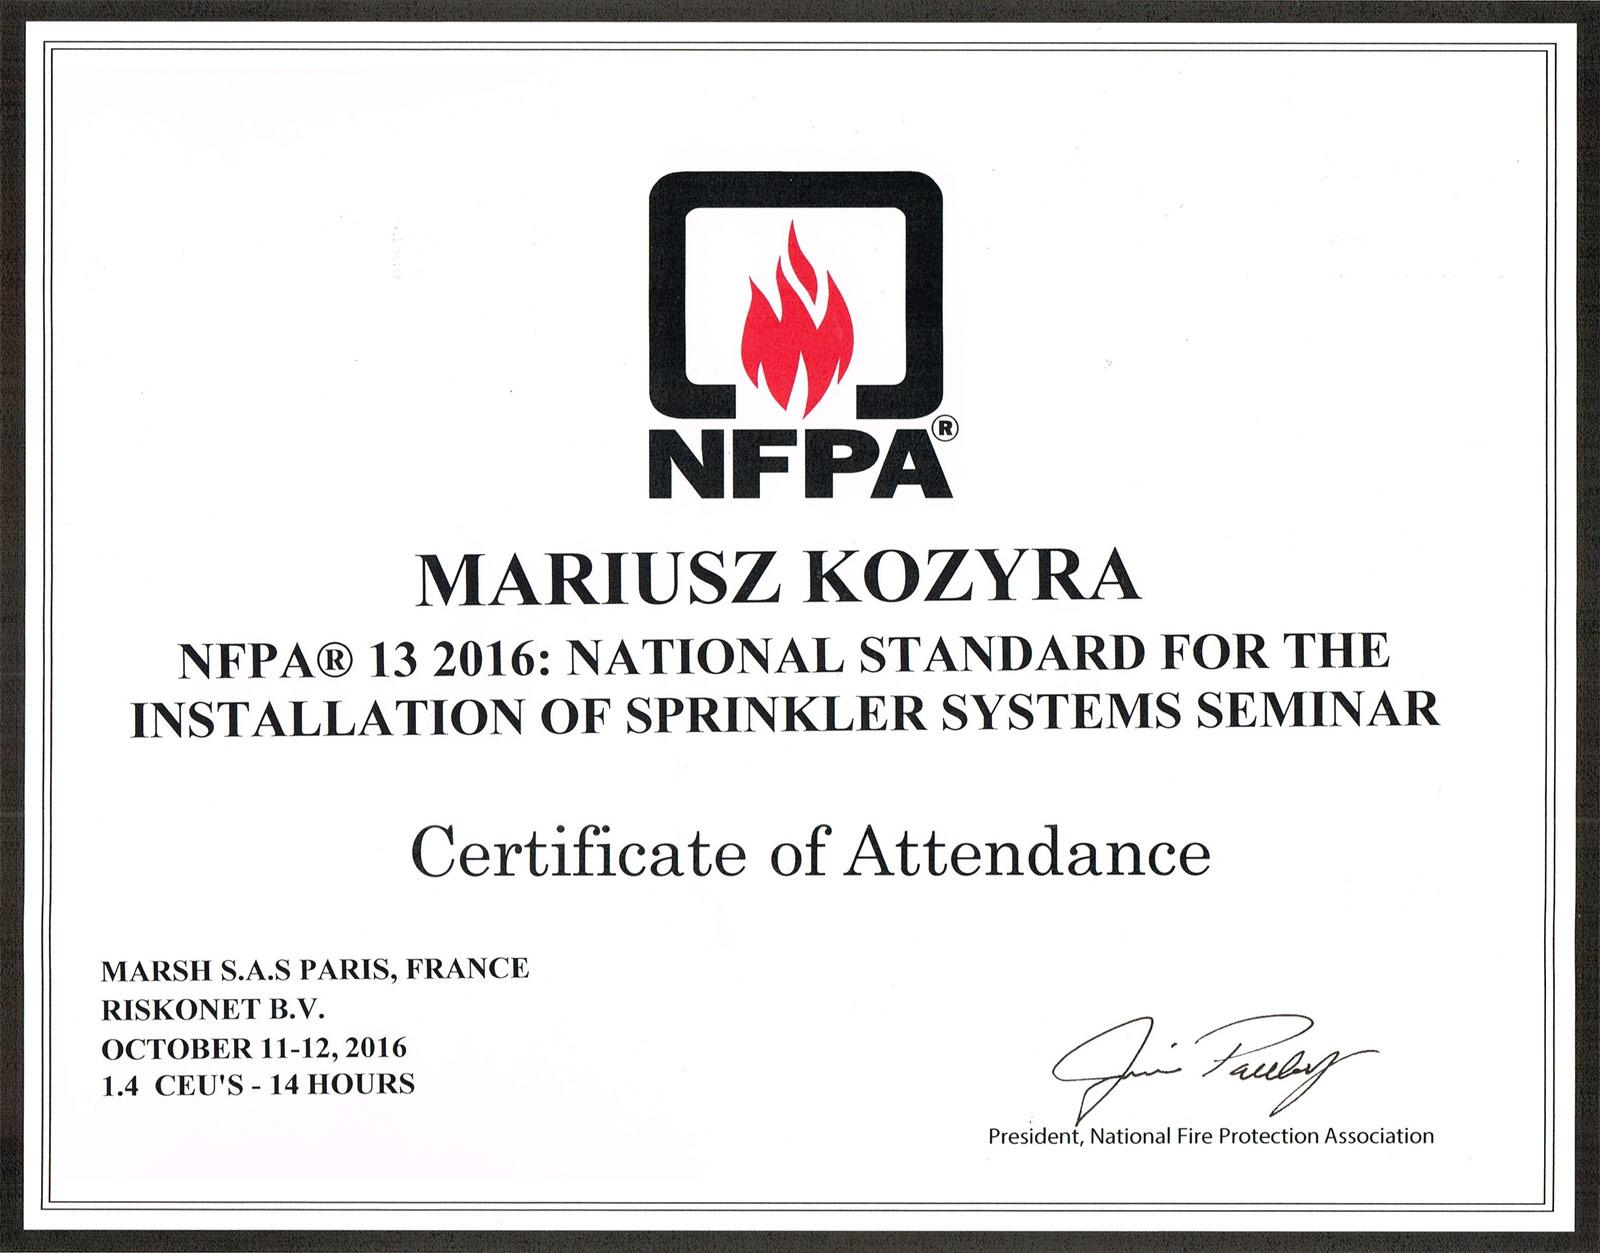 certyfikaty_nfpa13-2016_mariusz-kozyra